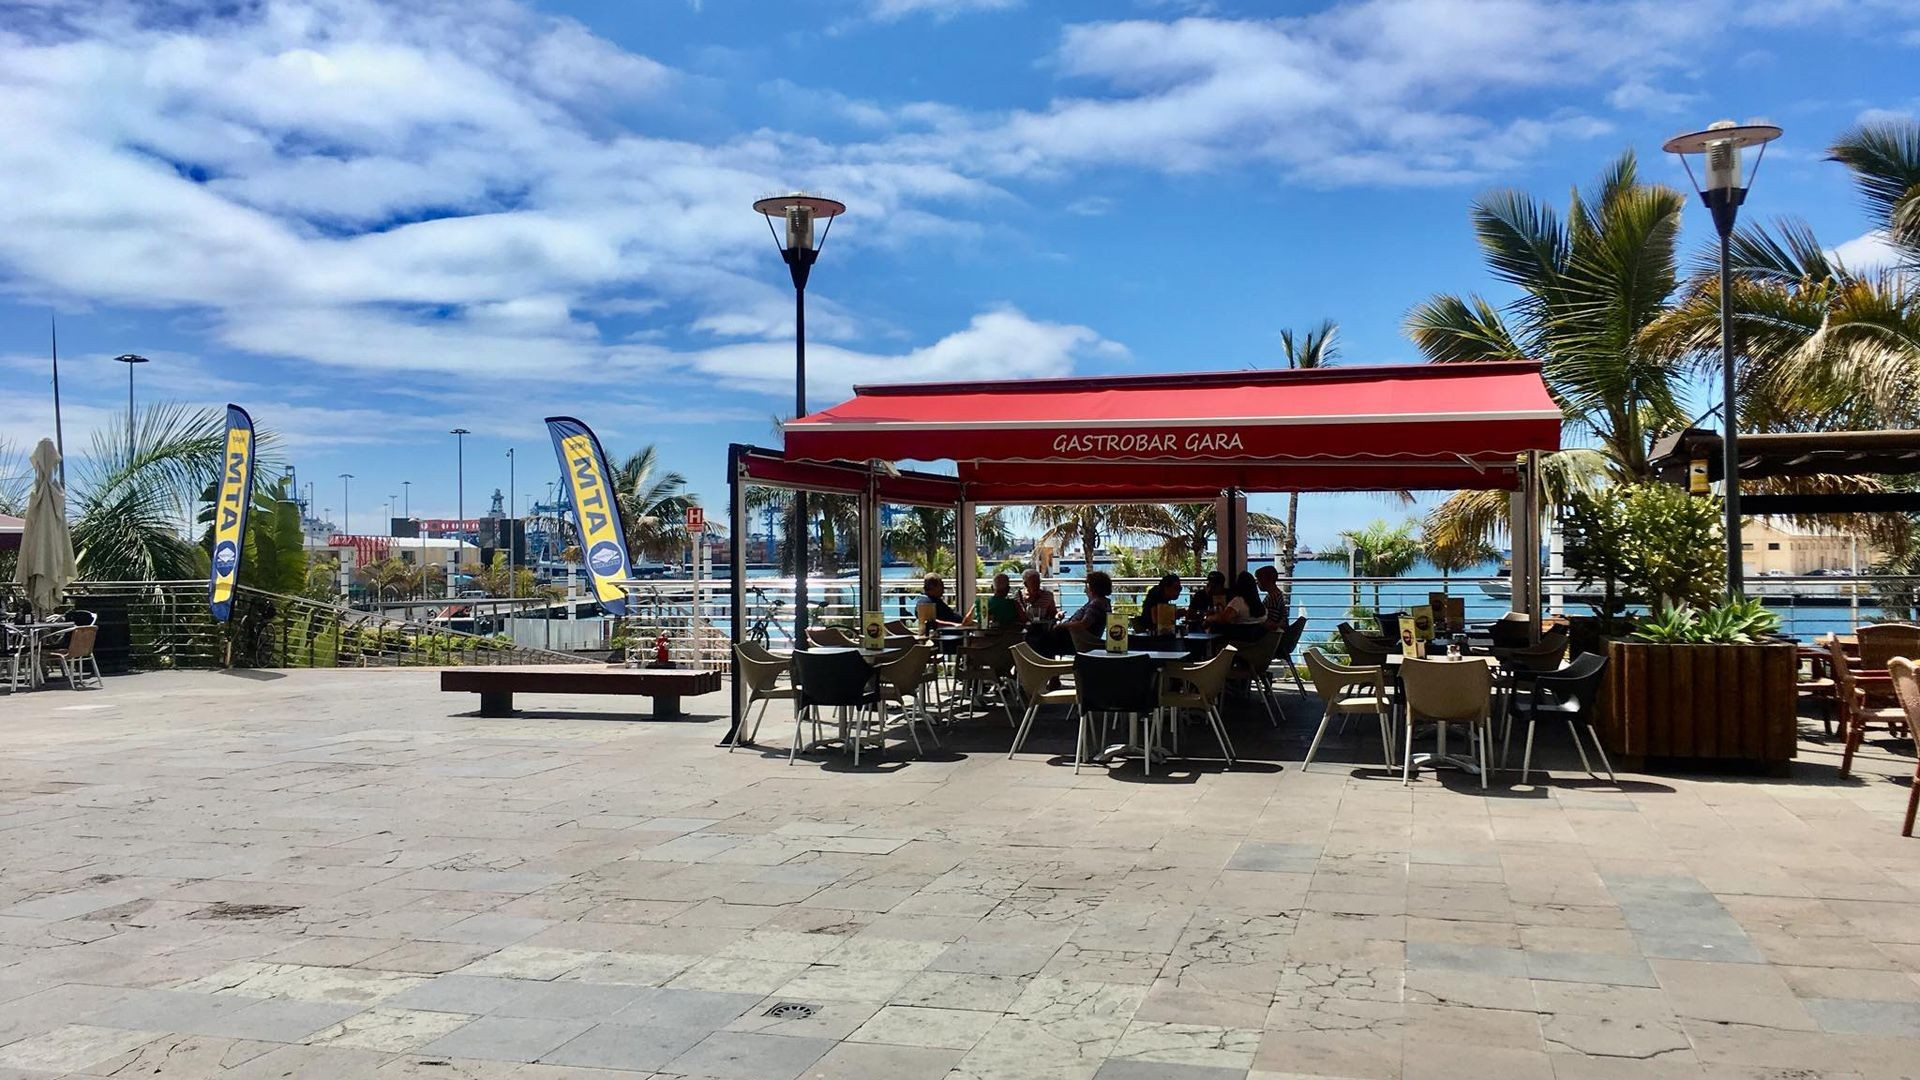 Gastrobar en Las Palmas de Gran Canaria